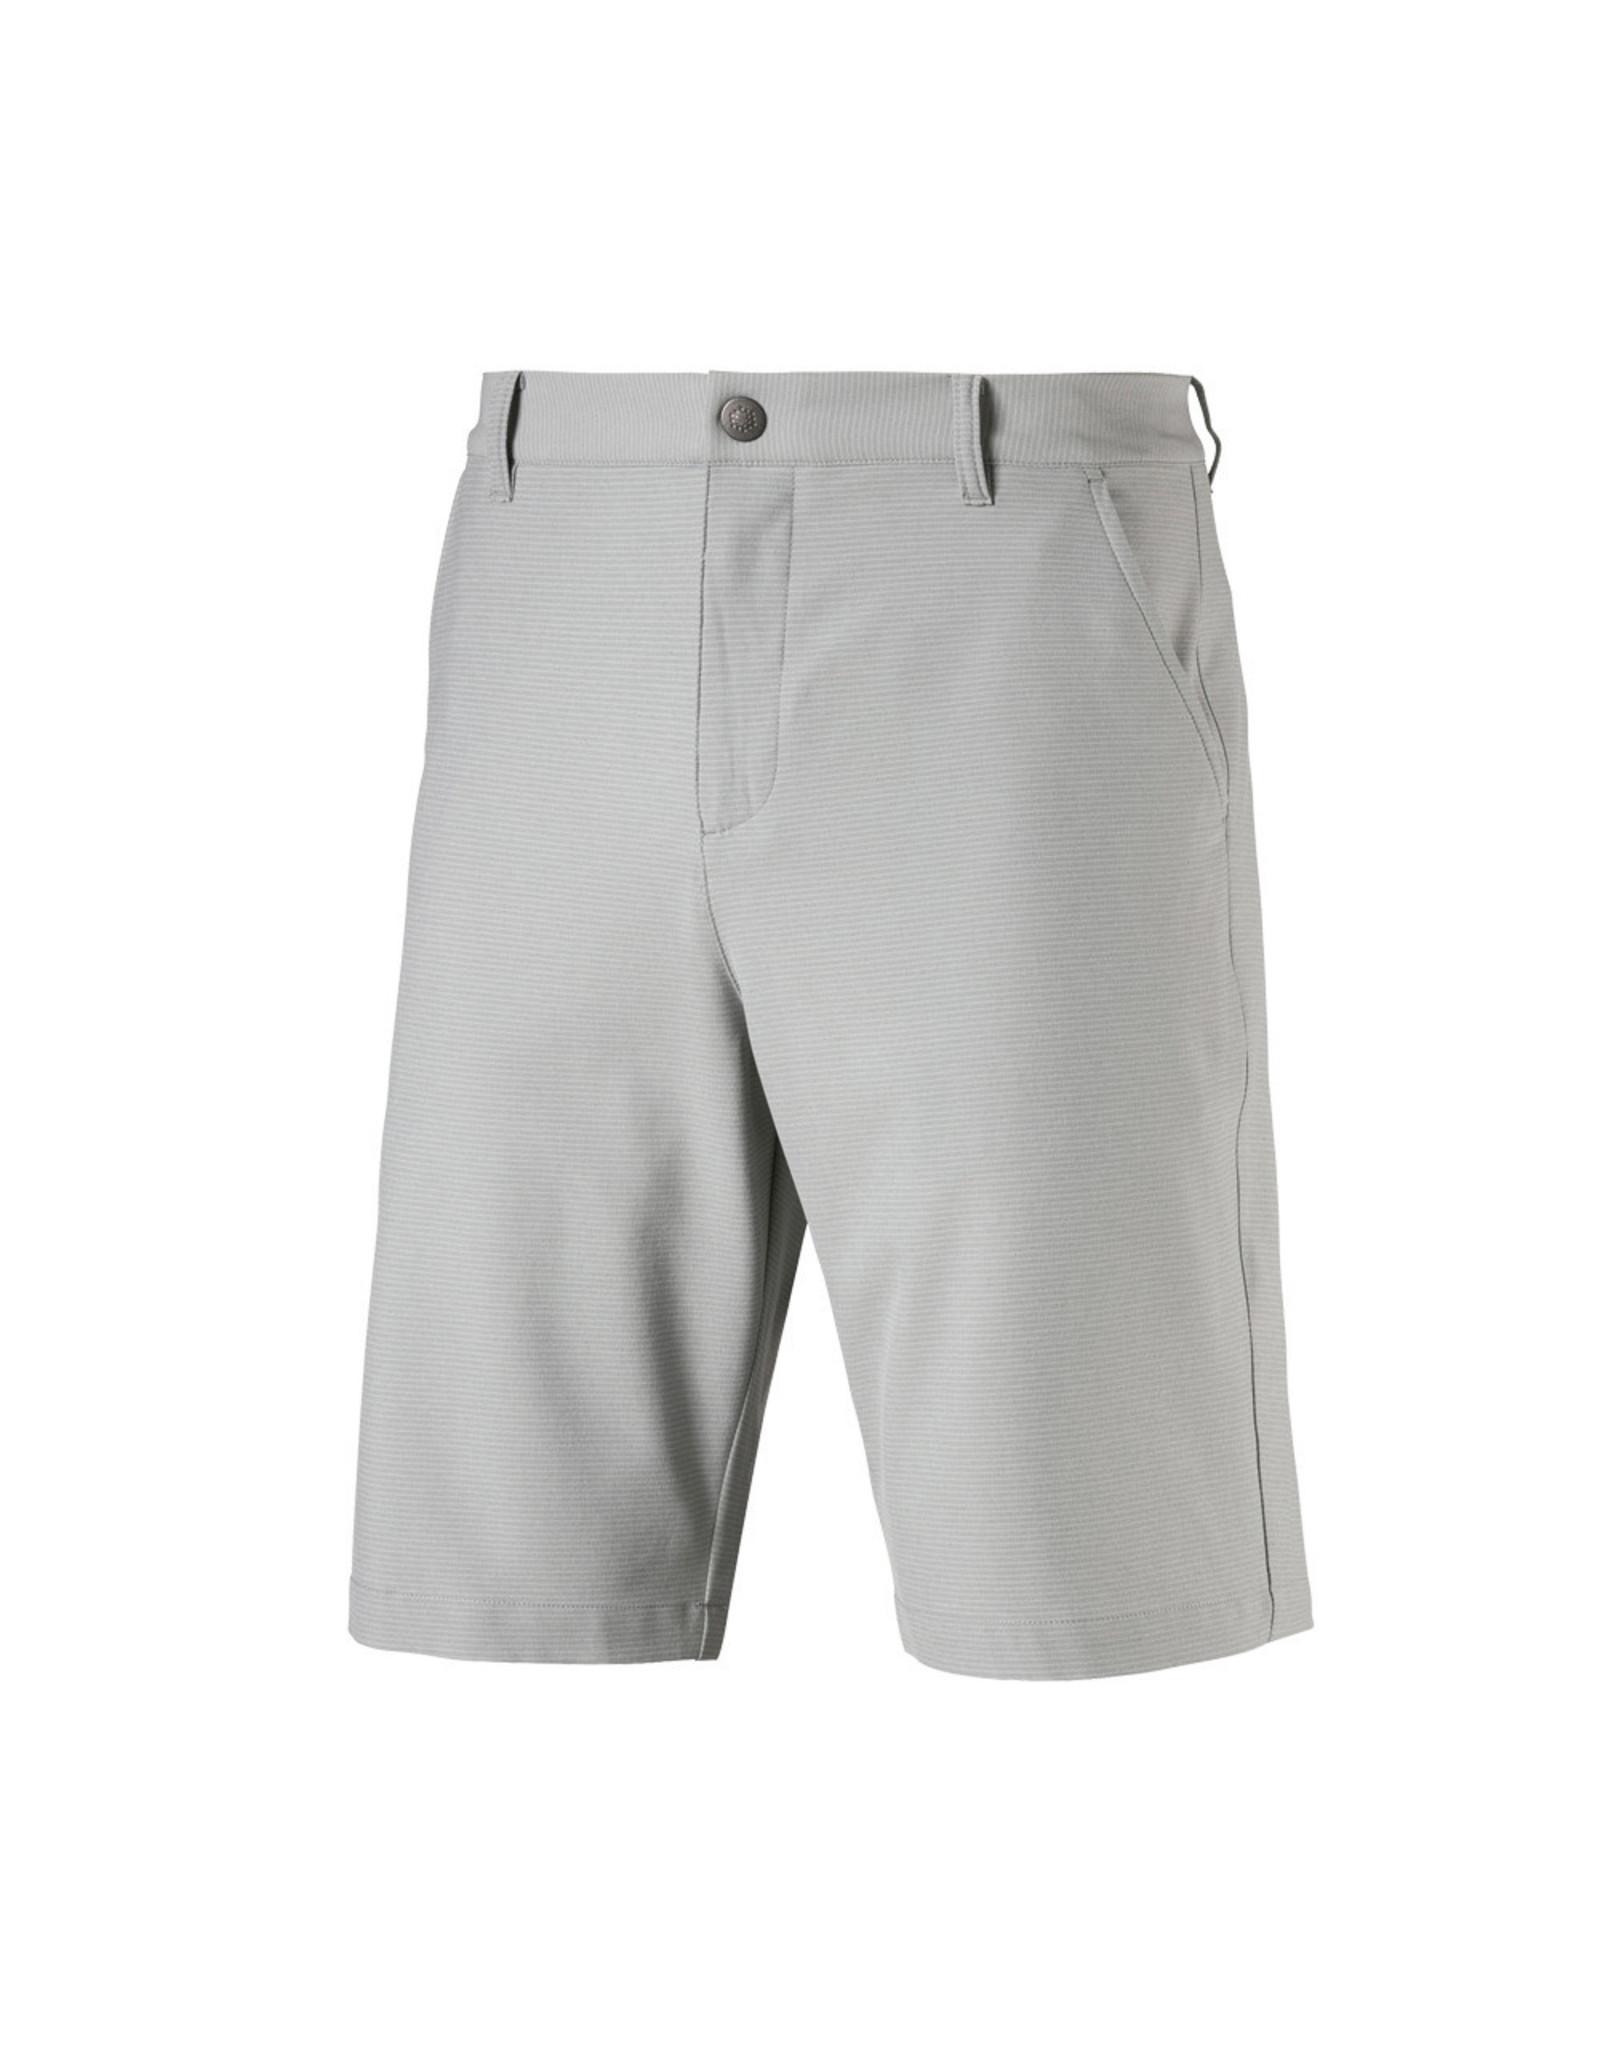 Puma Golf Puma Men's Marshal Shorts